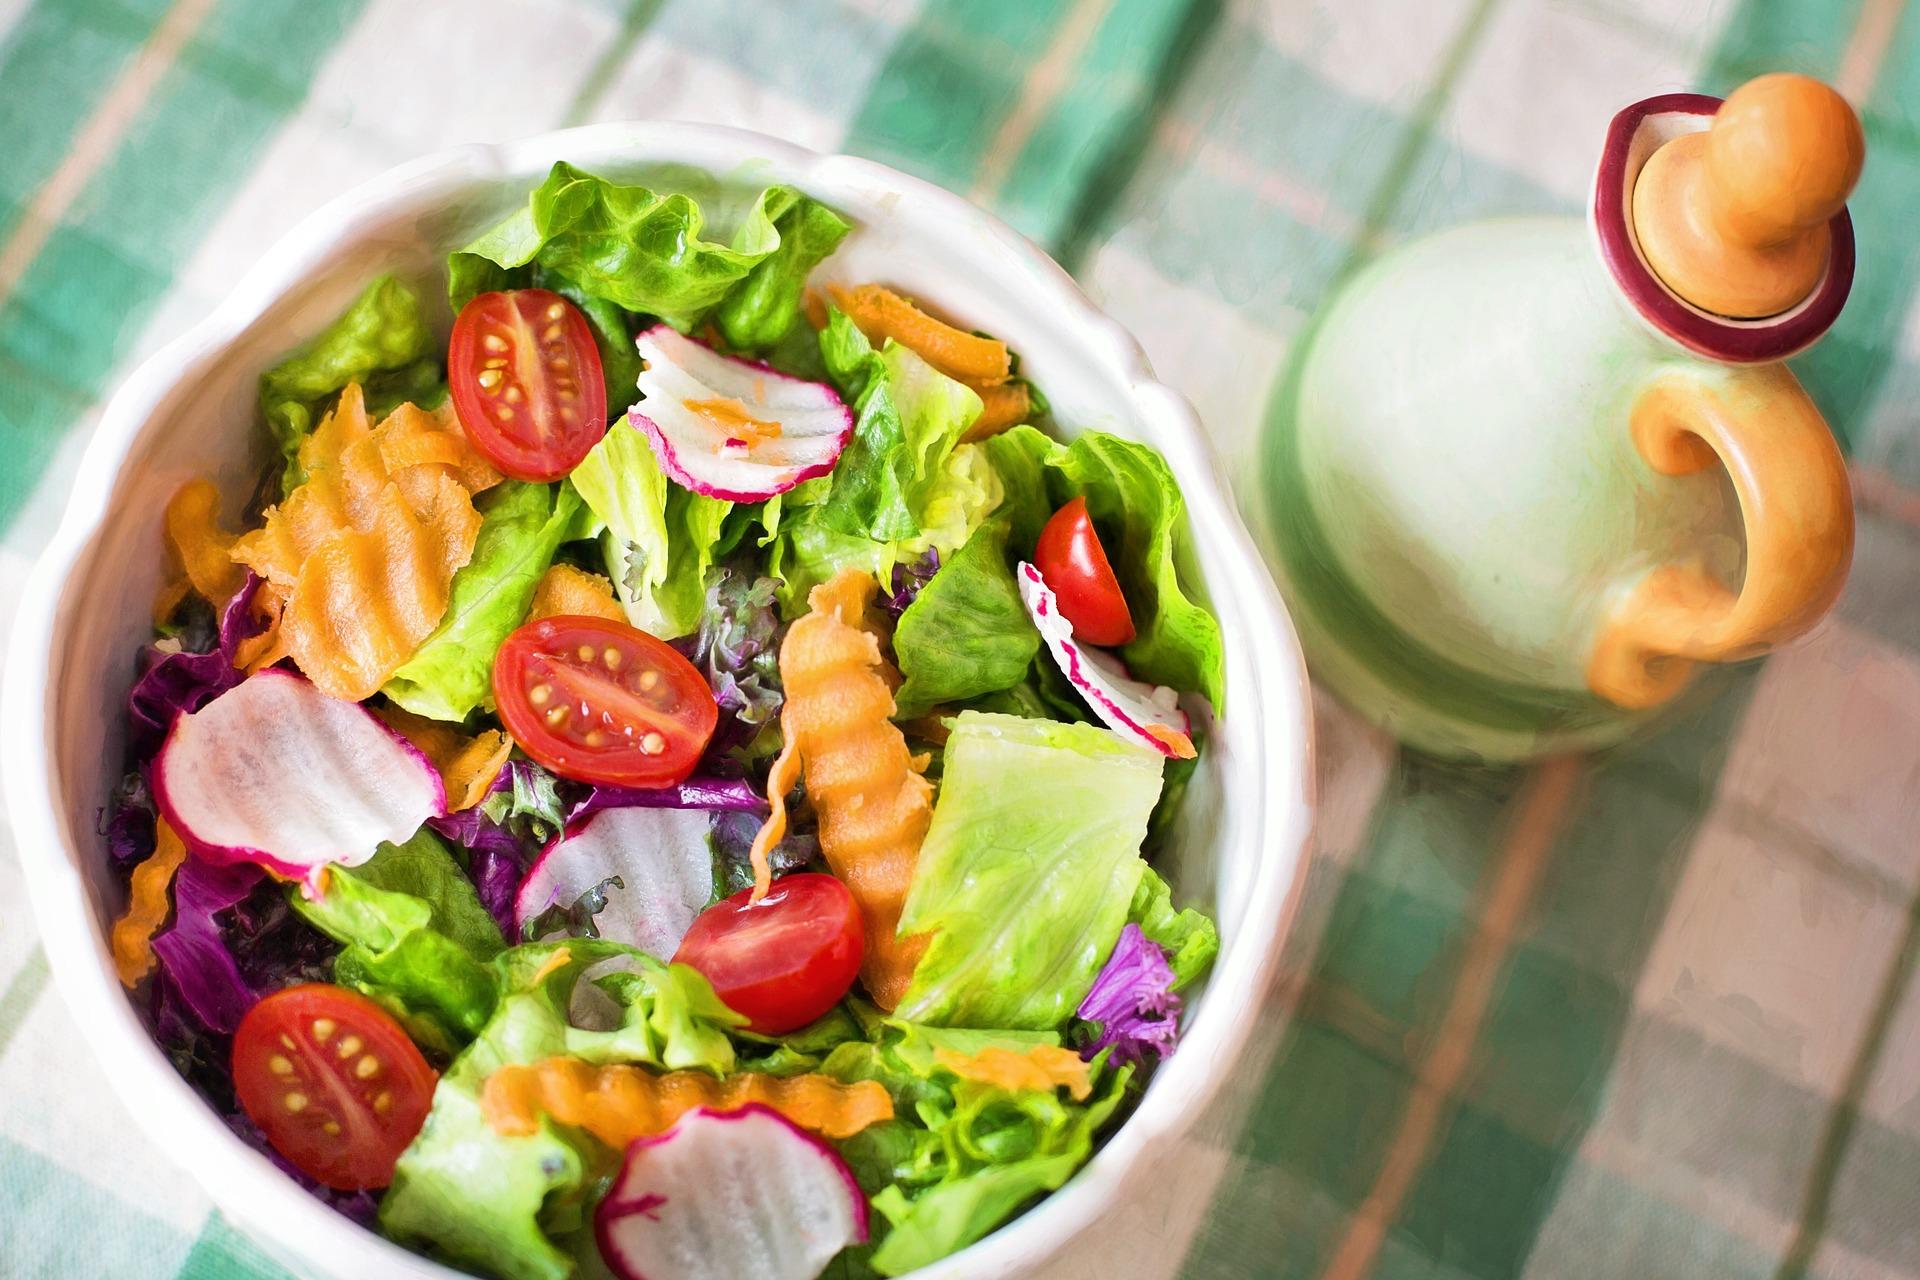 Incrementa tu salud y bienestar consumiendo más frutas y hortalizas.